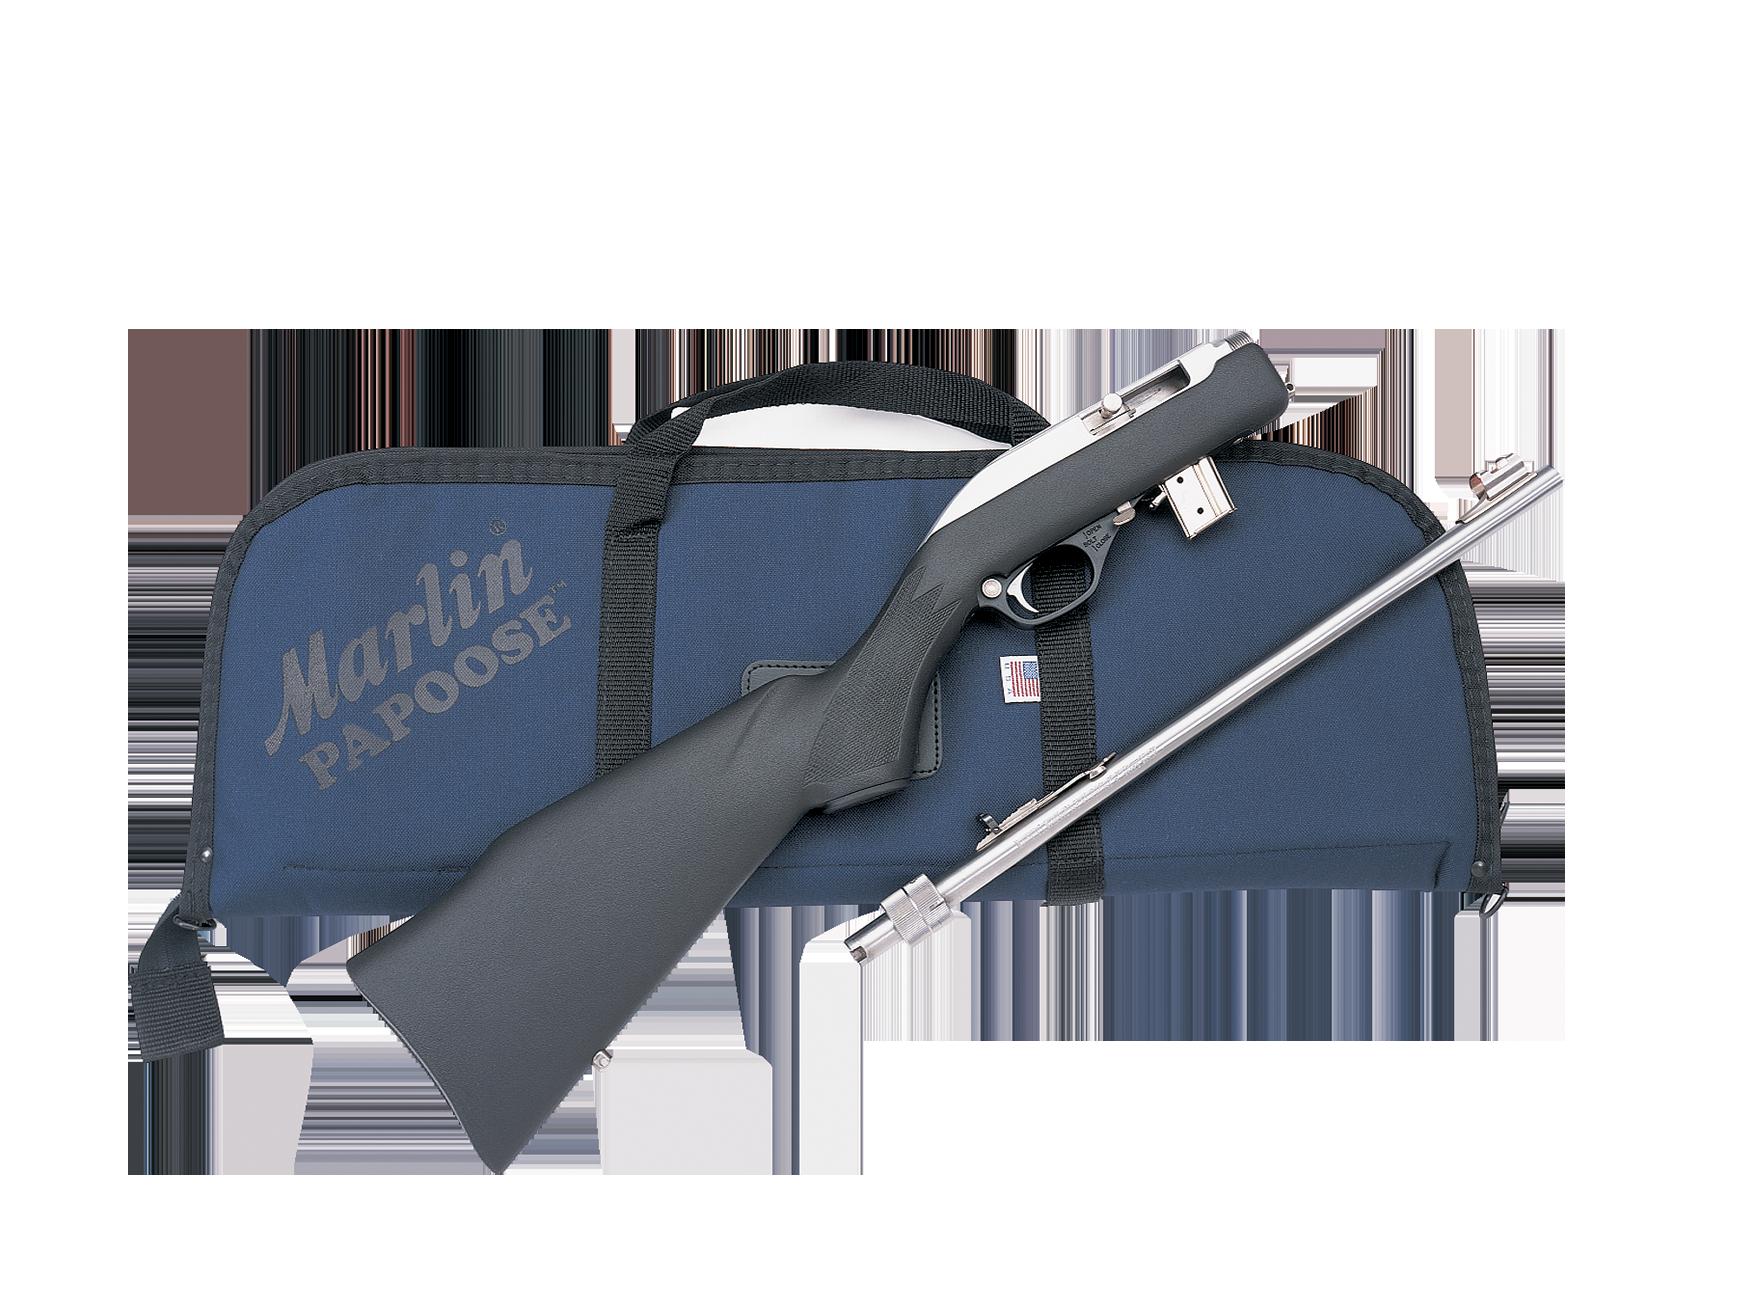 Marlin Model 70PSS